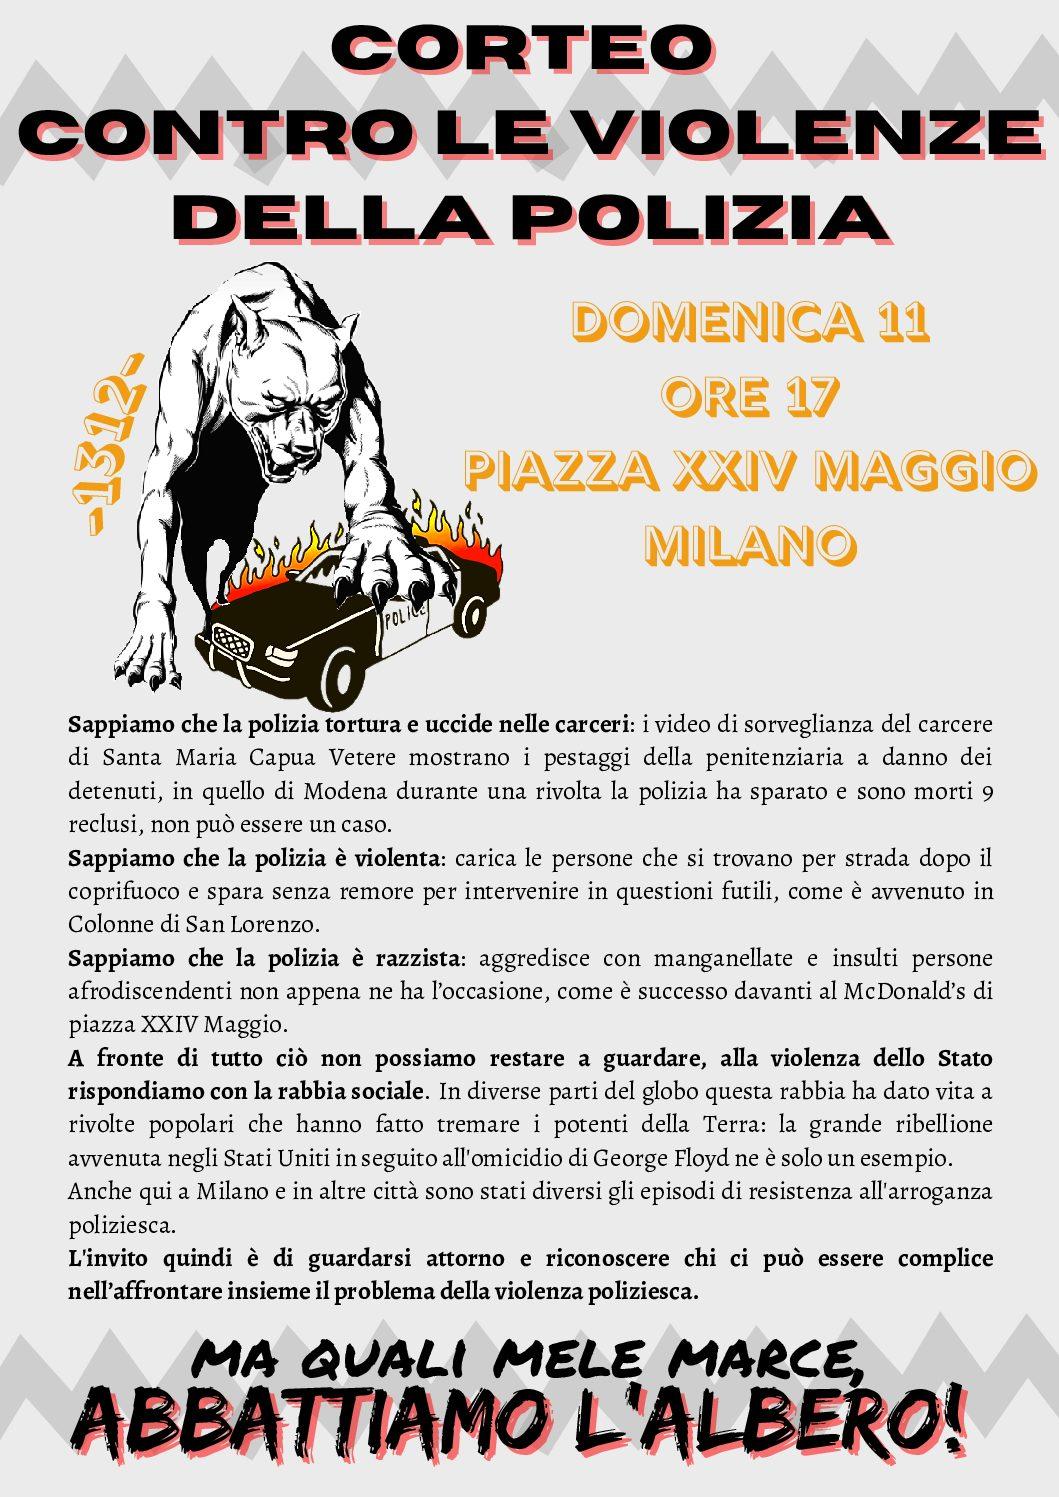 Milano: Corteo a Milano l'11.07 contro le violenza della polizia